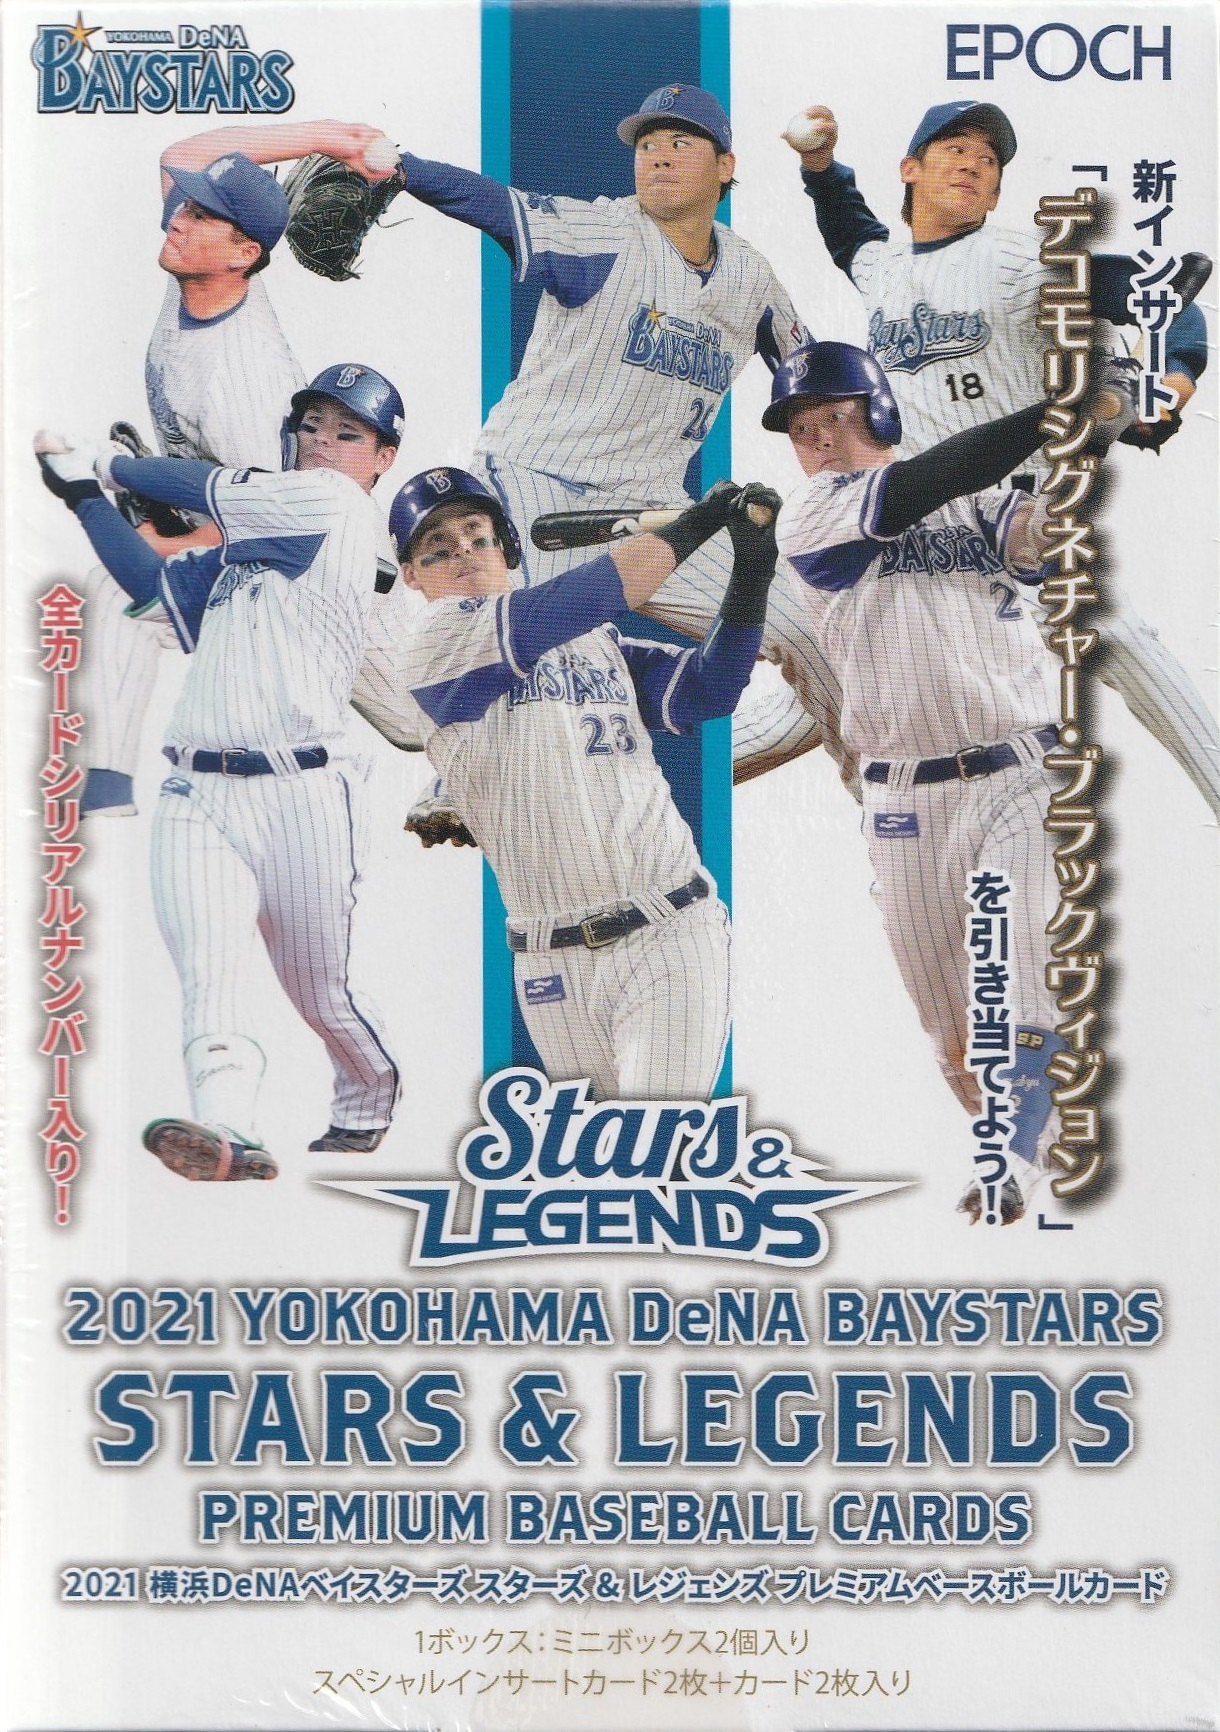 2021年08月21日発売 00-57039 EPOCH 2021 STARS 人気ブランド 1ボックス おトク LEGENDS 横浜DeNAベイスターズ